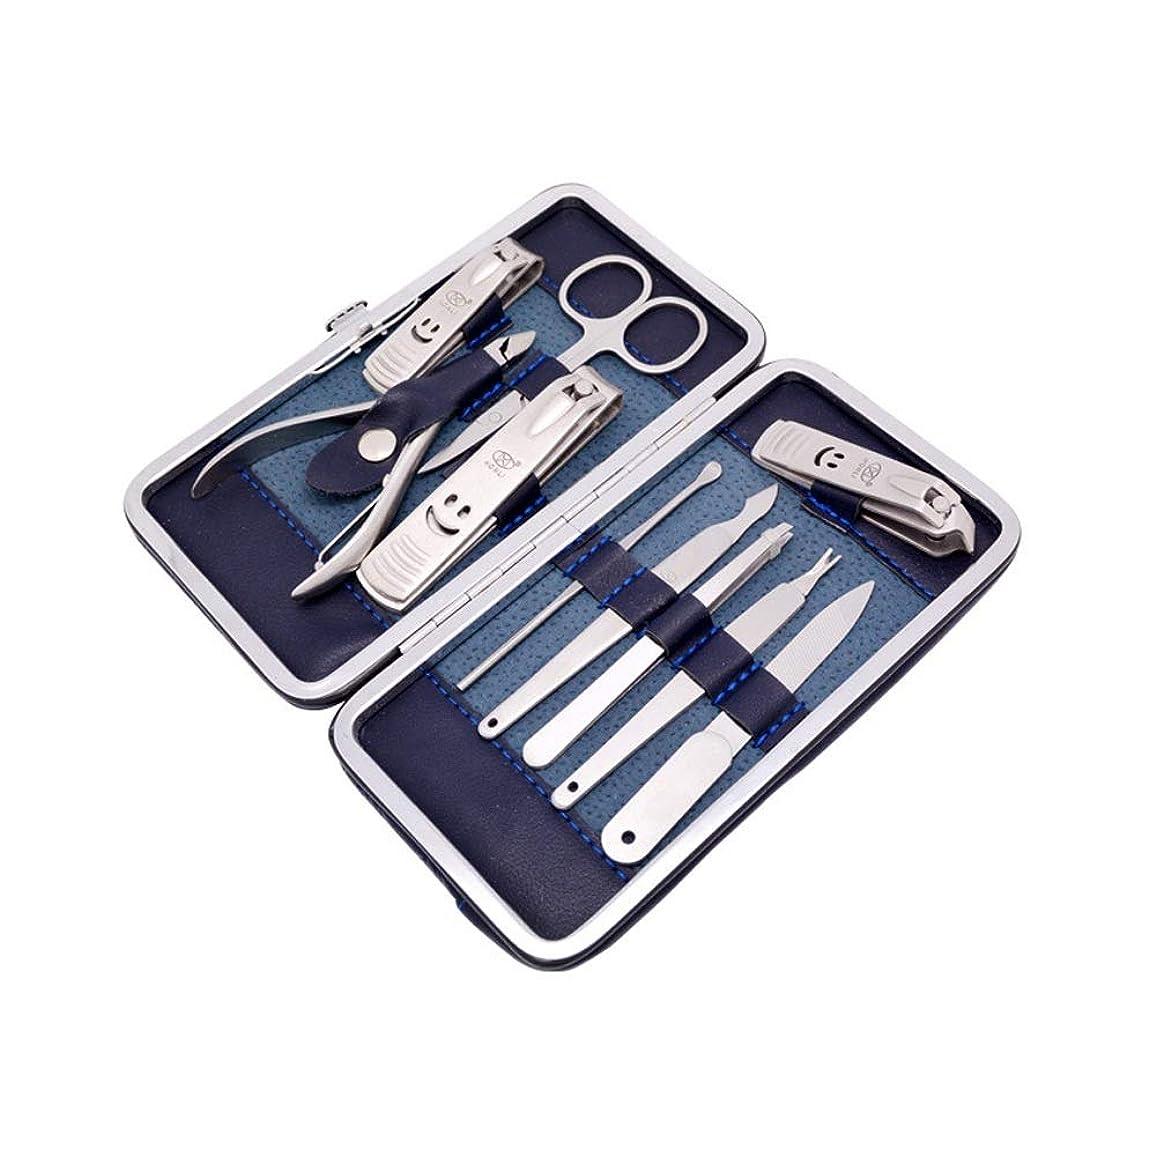 相談するいまバウンス便利な爪切り ステンレススチールネイルクリッパーはさみネイルマニキュア美容ツール10個のギフトセット ネイルドレッシングツール